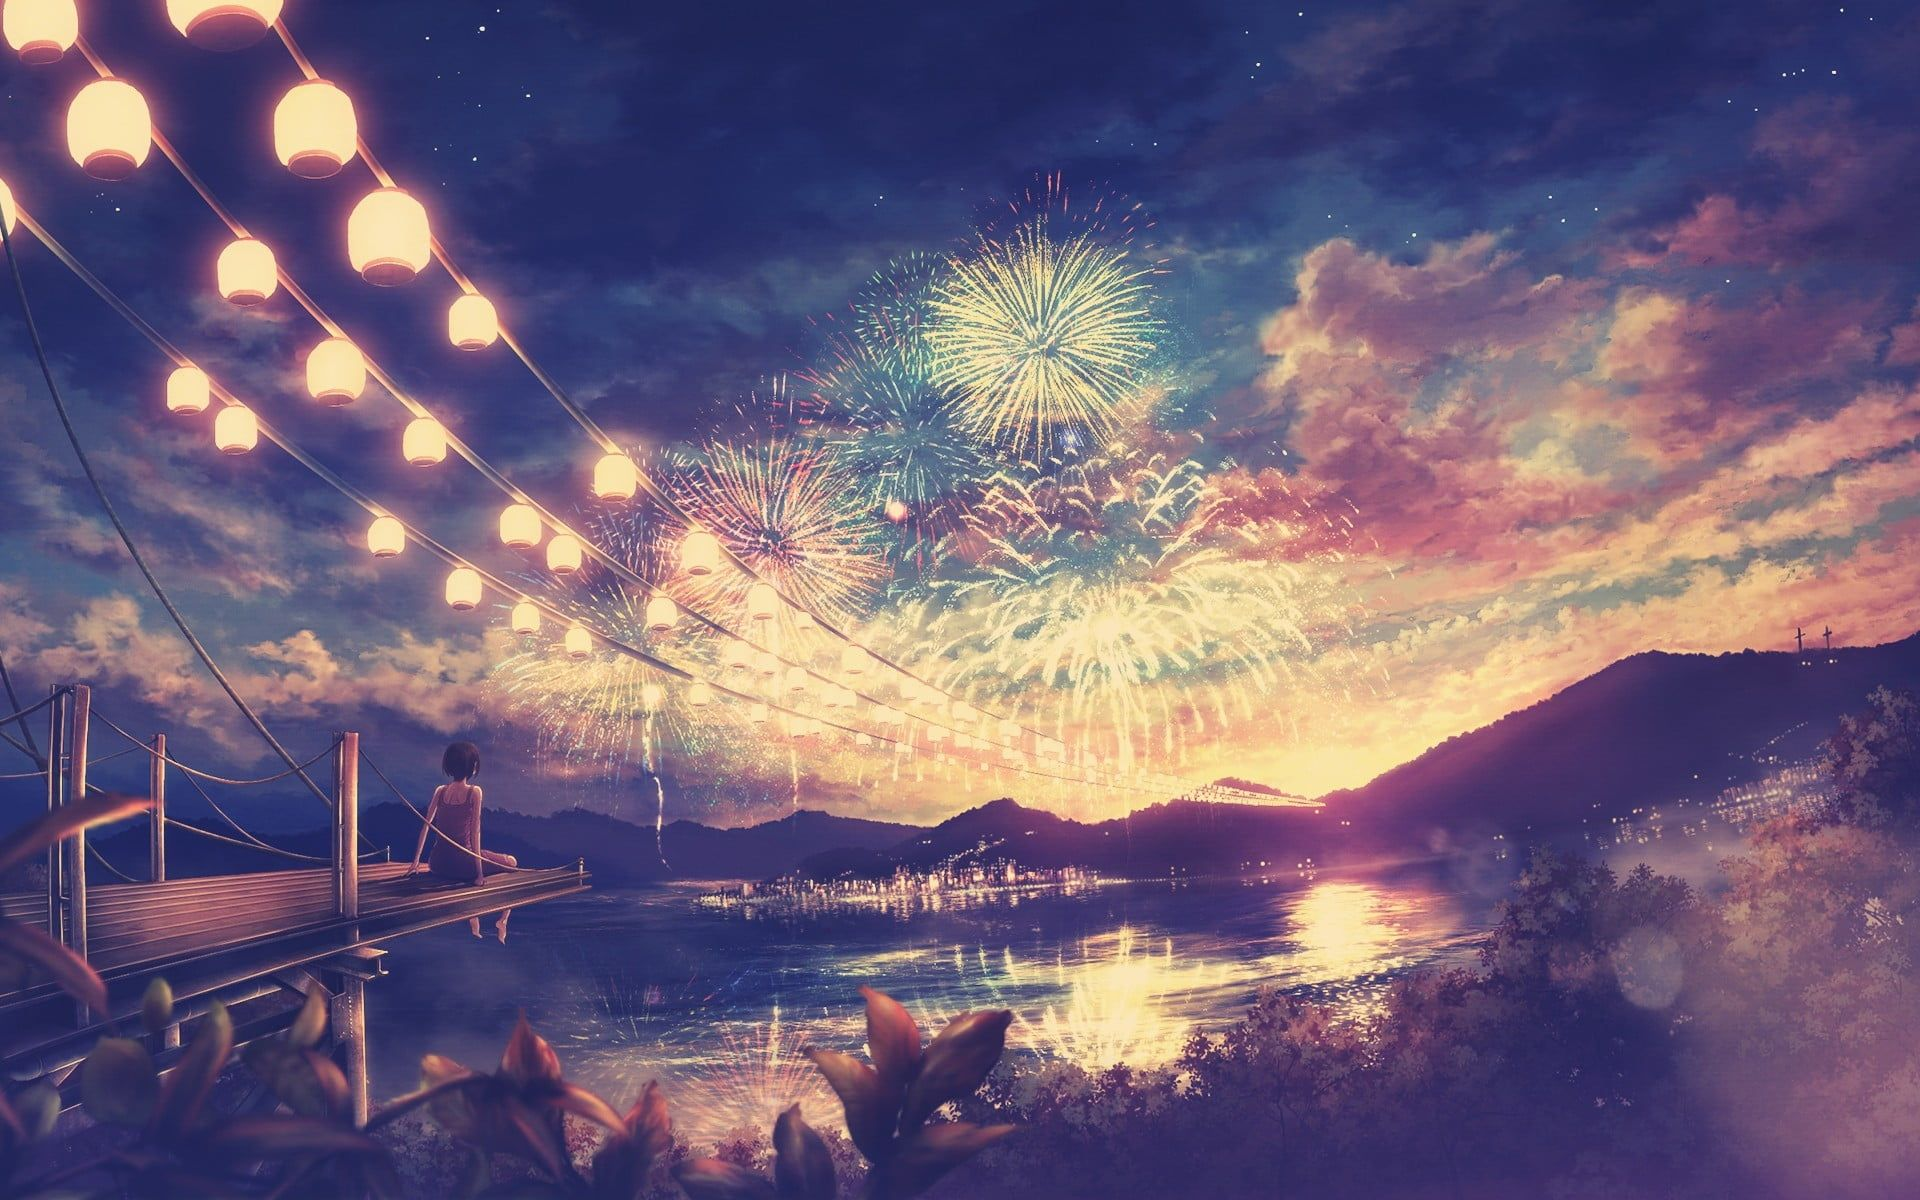 fireworks anime girls anime 1080P wallpaper